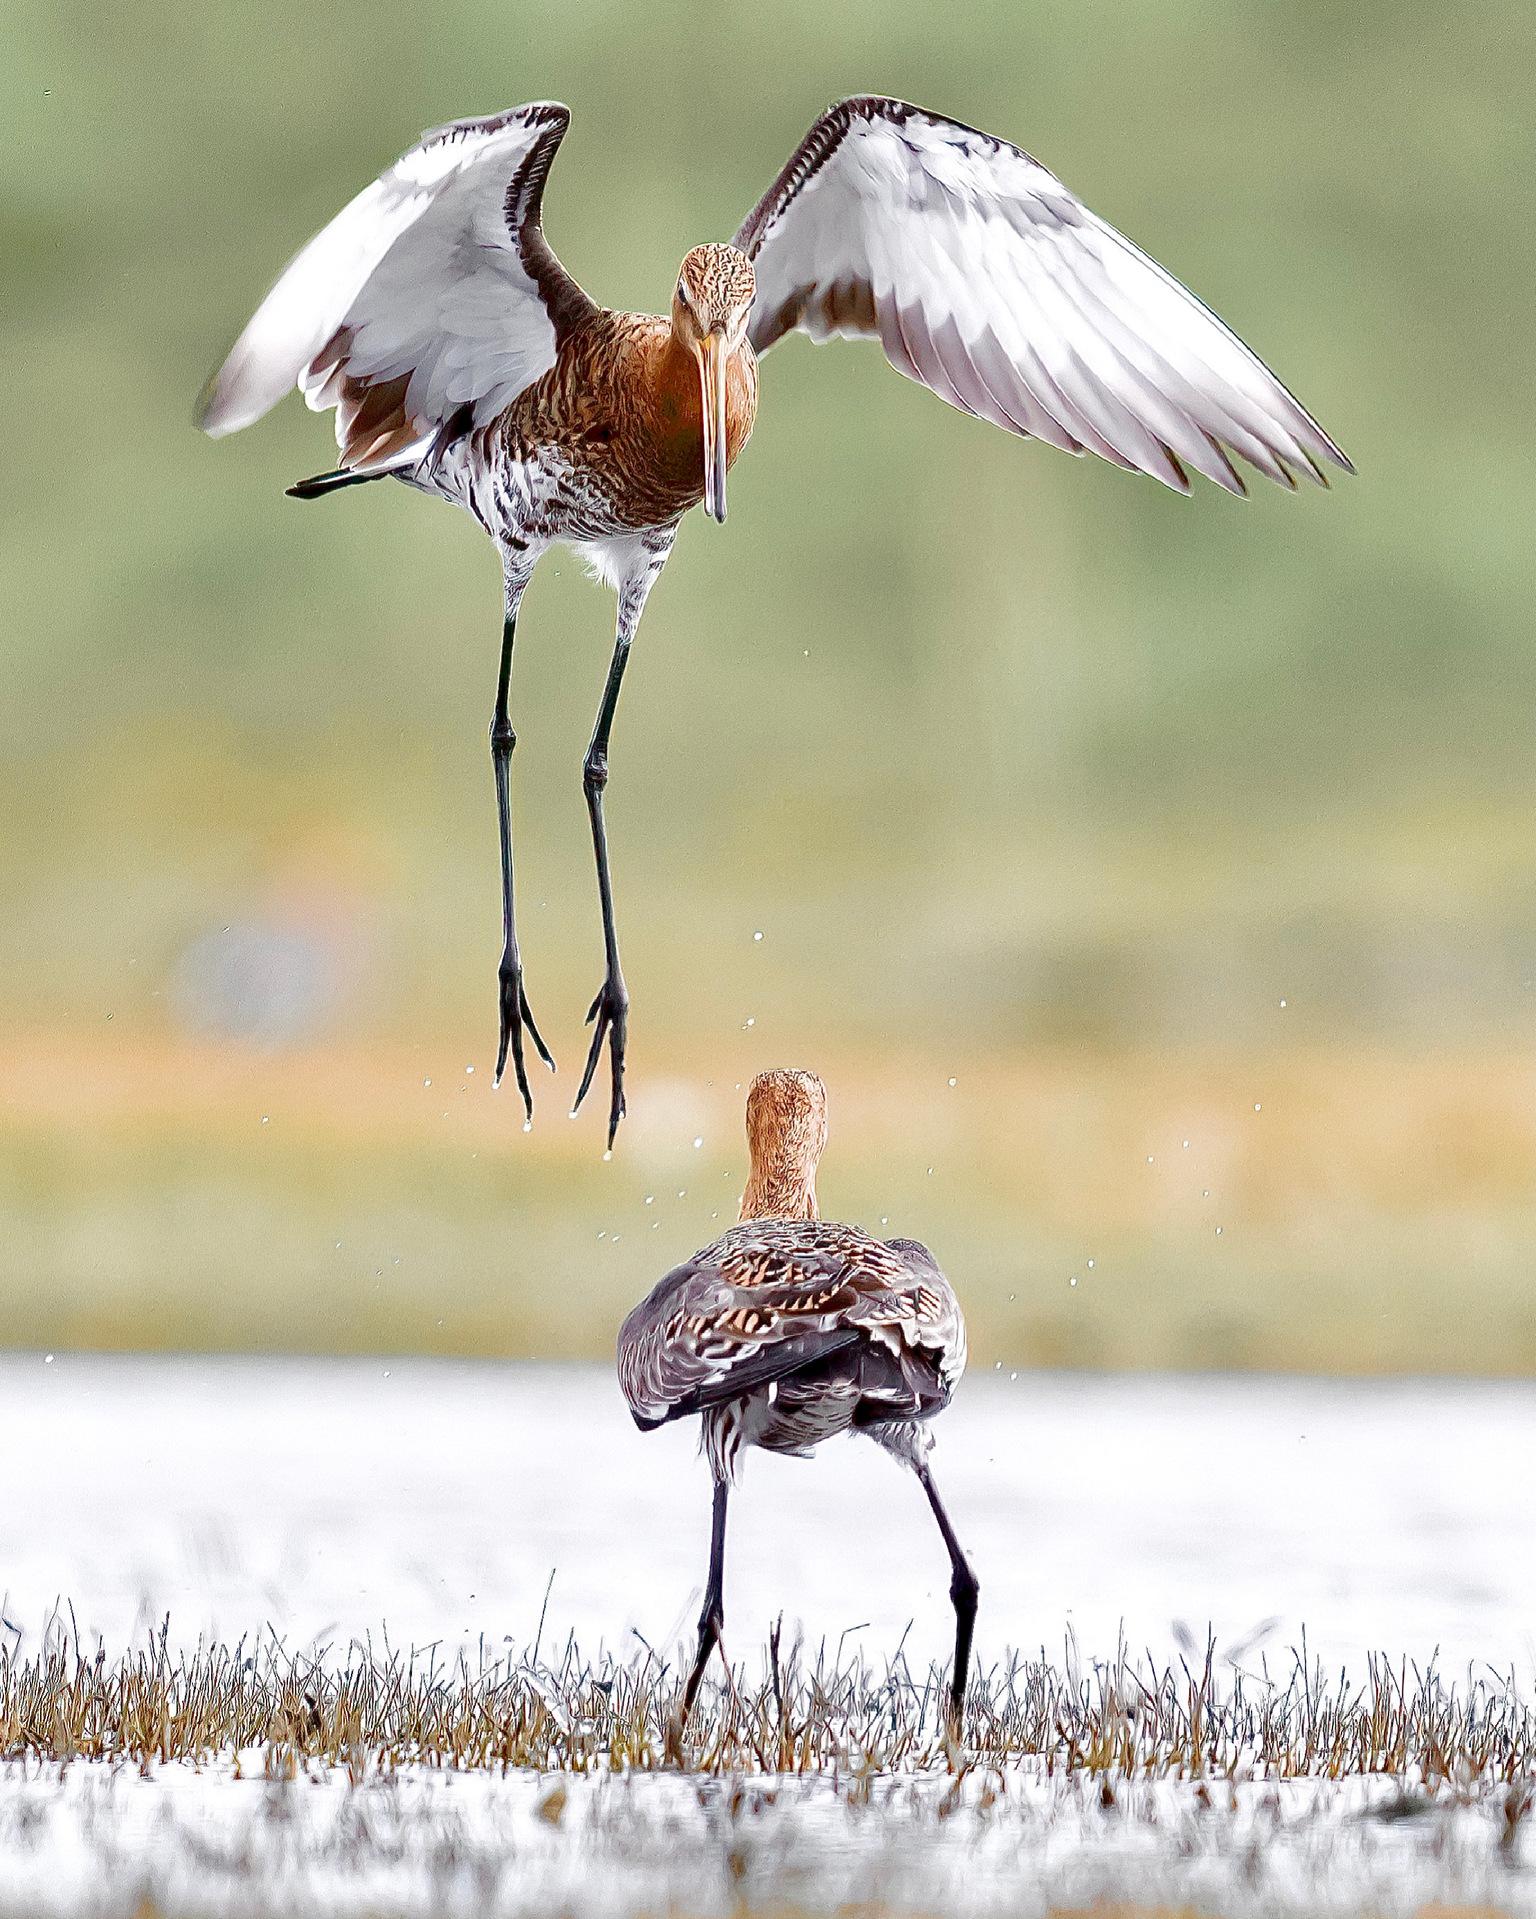 Van bovenaf - Van bovenaf - foto door guidobauhuis op 15-04-2021 - locatie: 1156 Marken, Nederland - deze foto bevat: water, vogel, ecoregio, natuur, vloeistof, vloeistof, lichaam van water, bek, aanpassing, vleugel